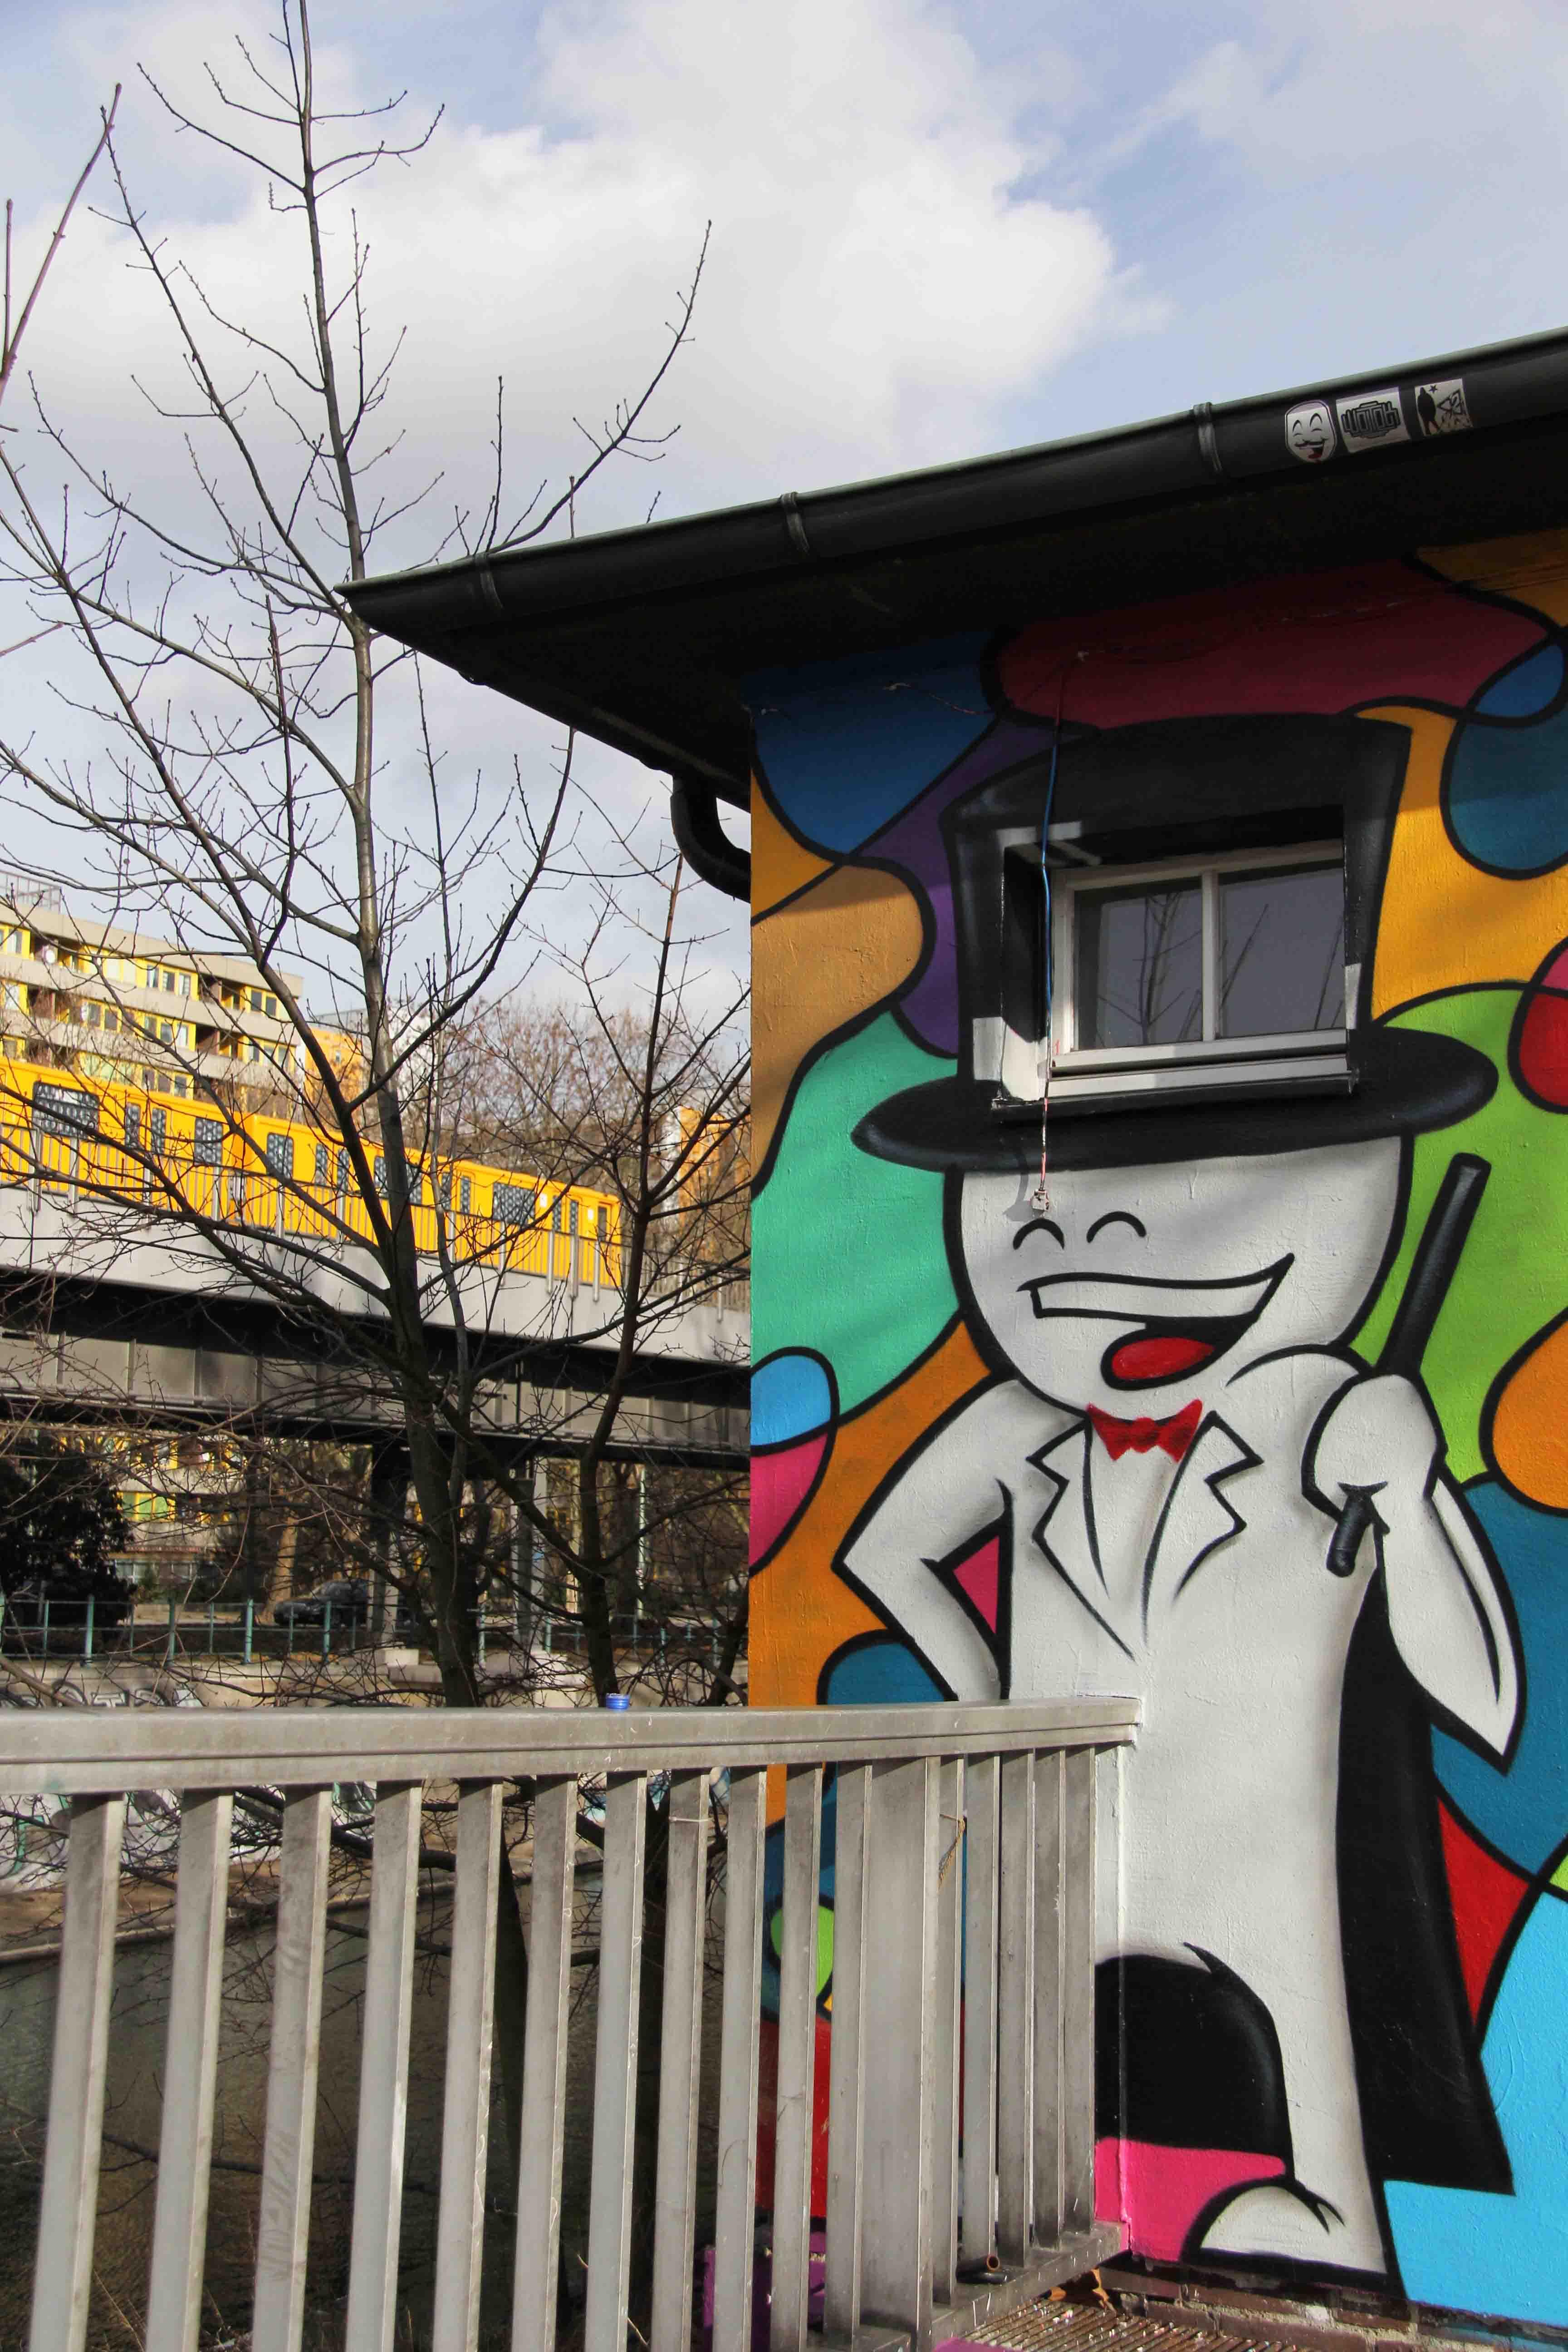 Prostie as Magician - Street Art by Mein Lieber Prost in Berlin